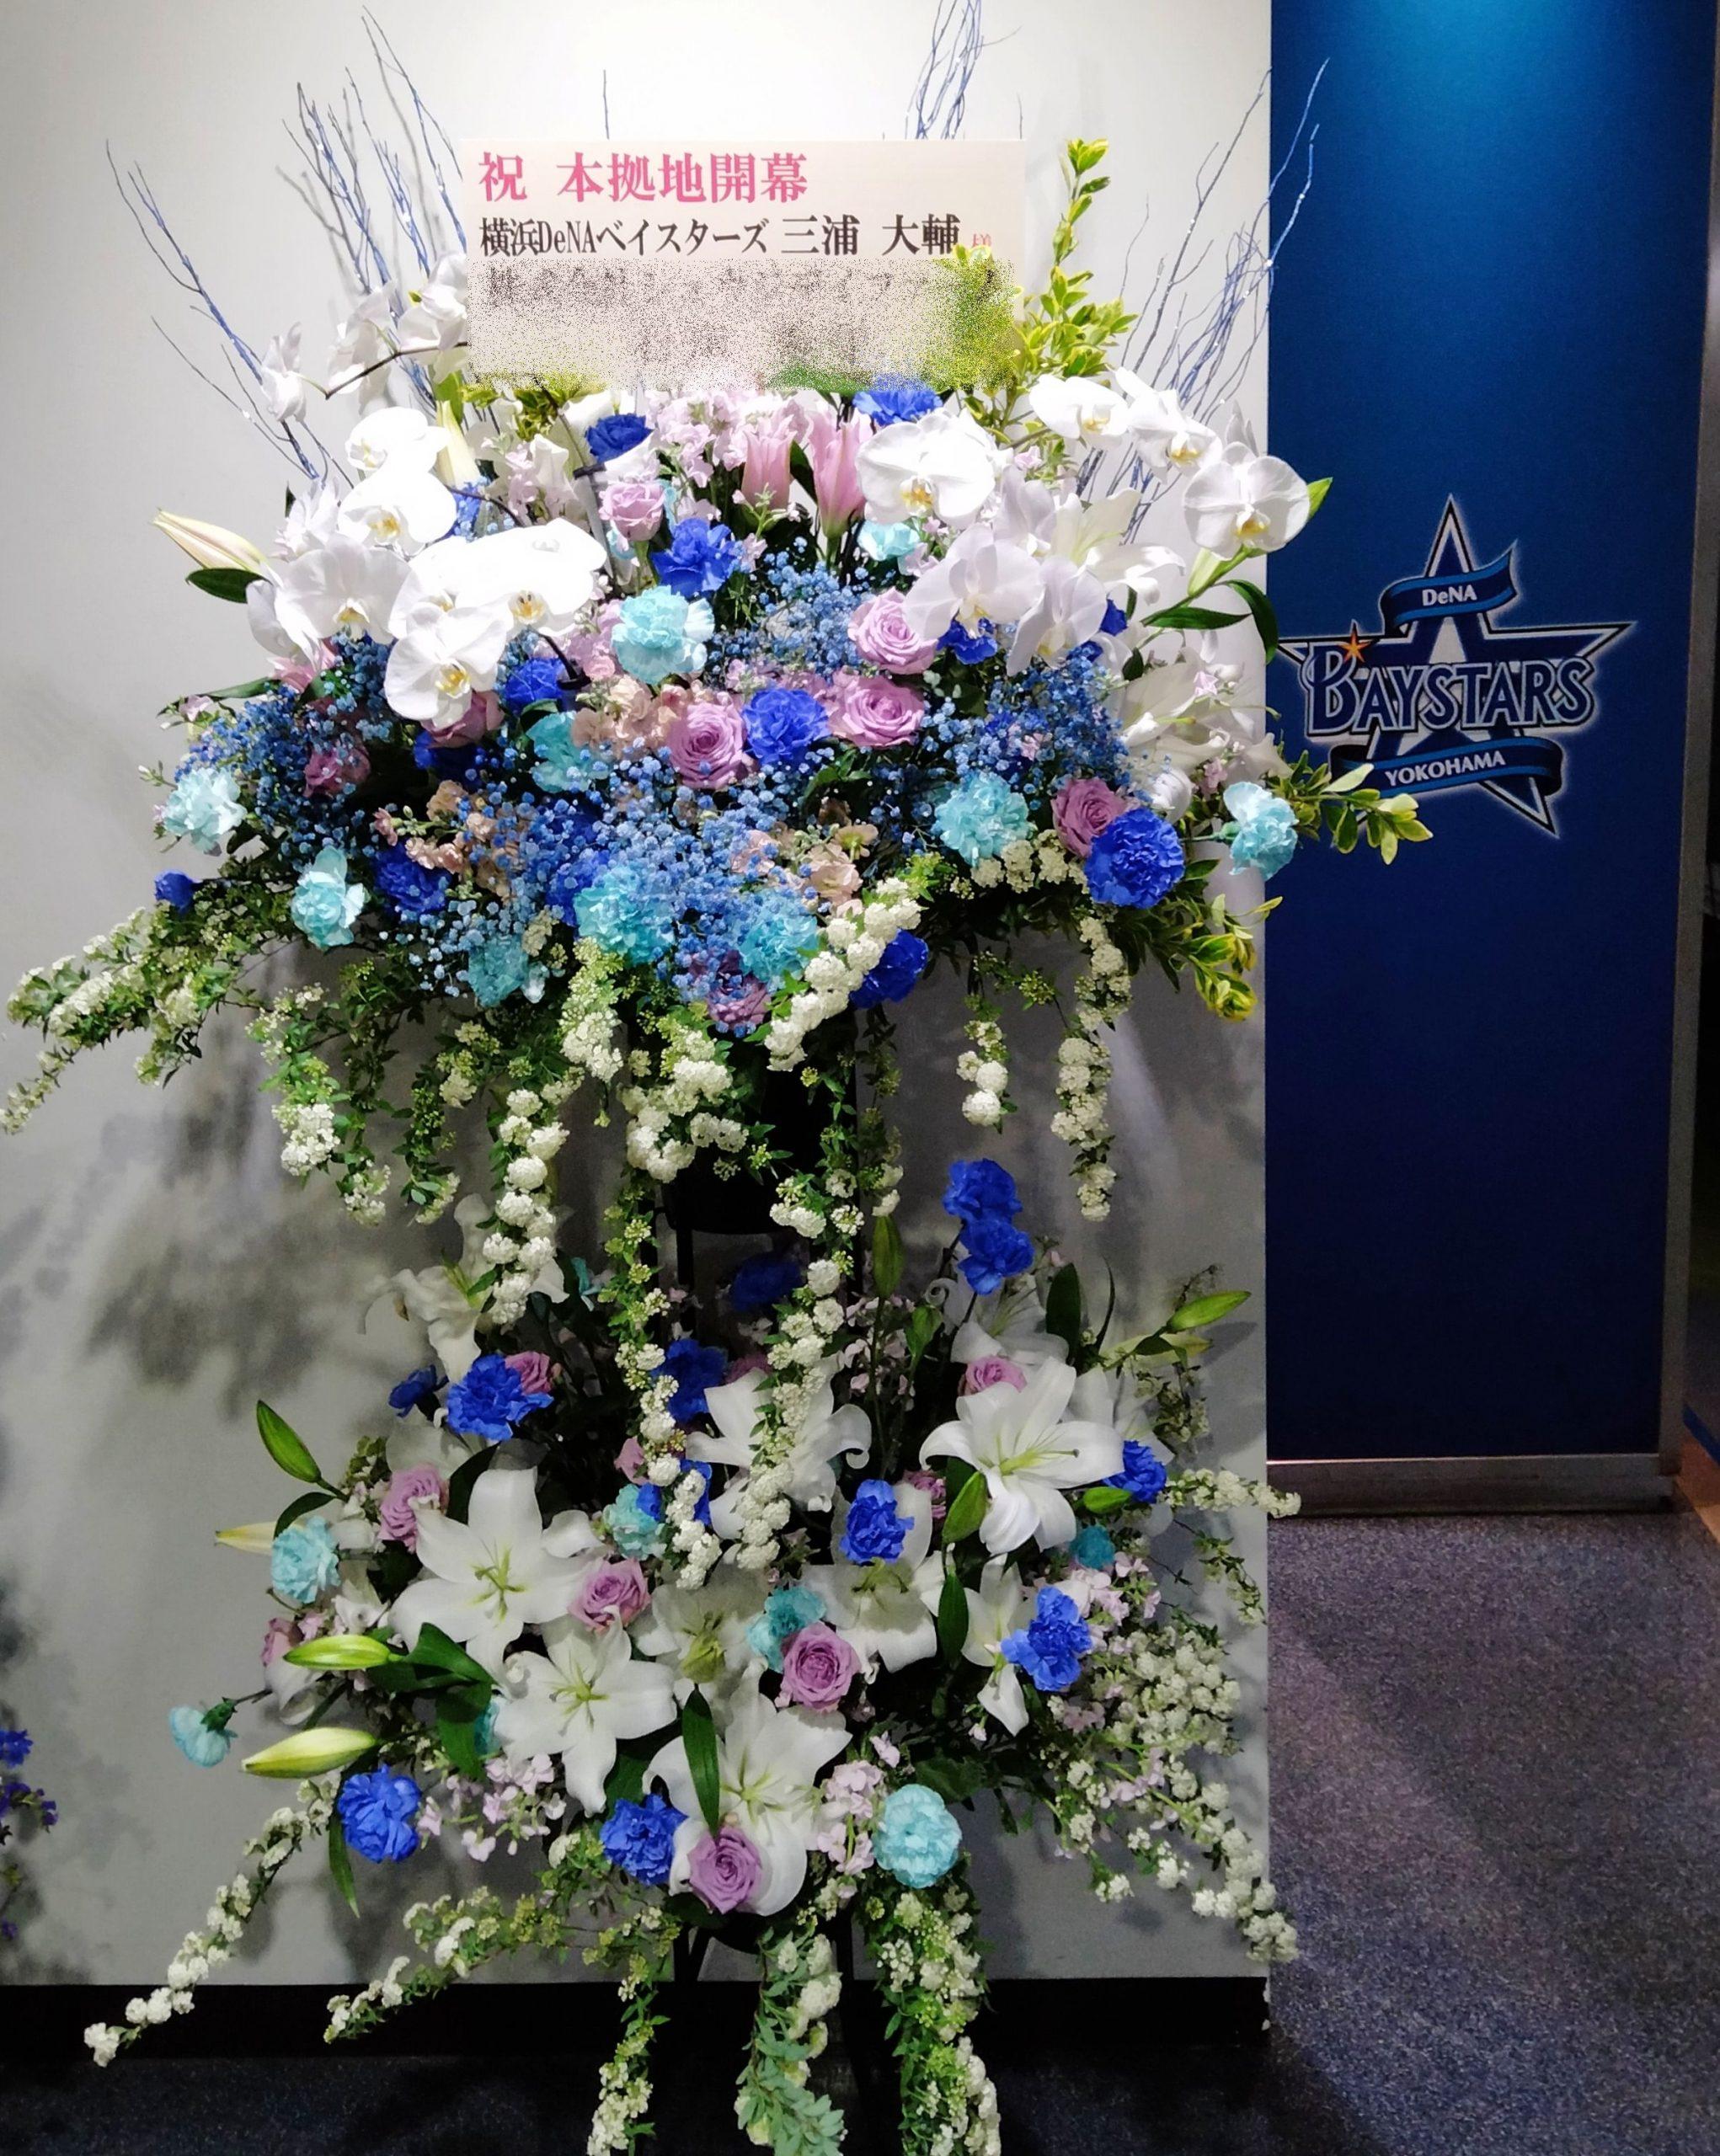 横浜スタジアムへスタンド花を配達しました。【横浜花屋の花束・スタンド花・胡蝶蘭・バルーン・アレンジメント配達事例882】